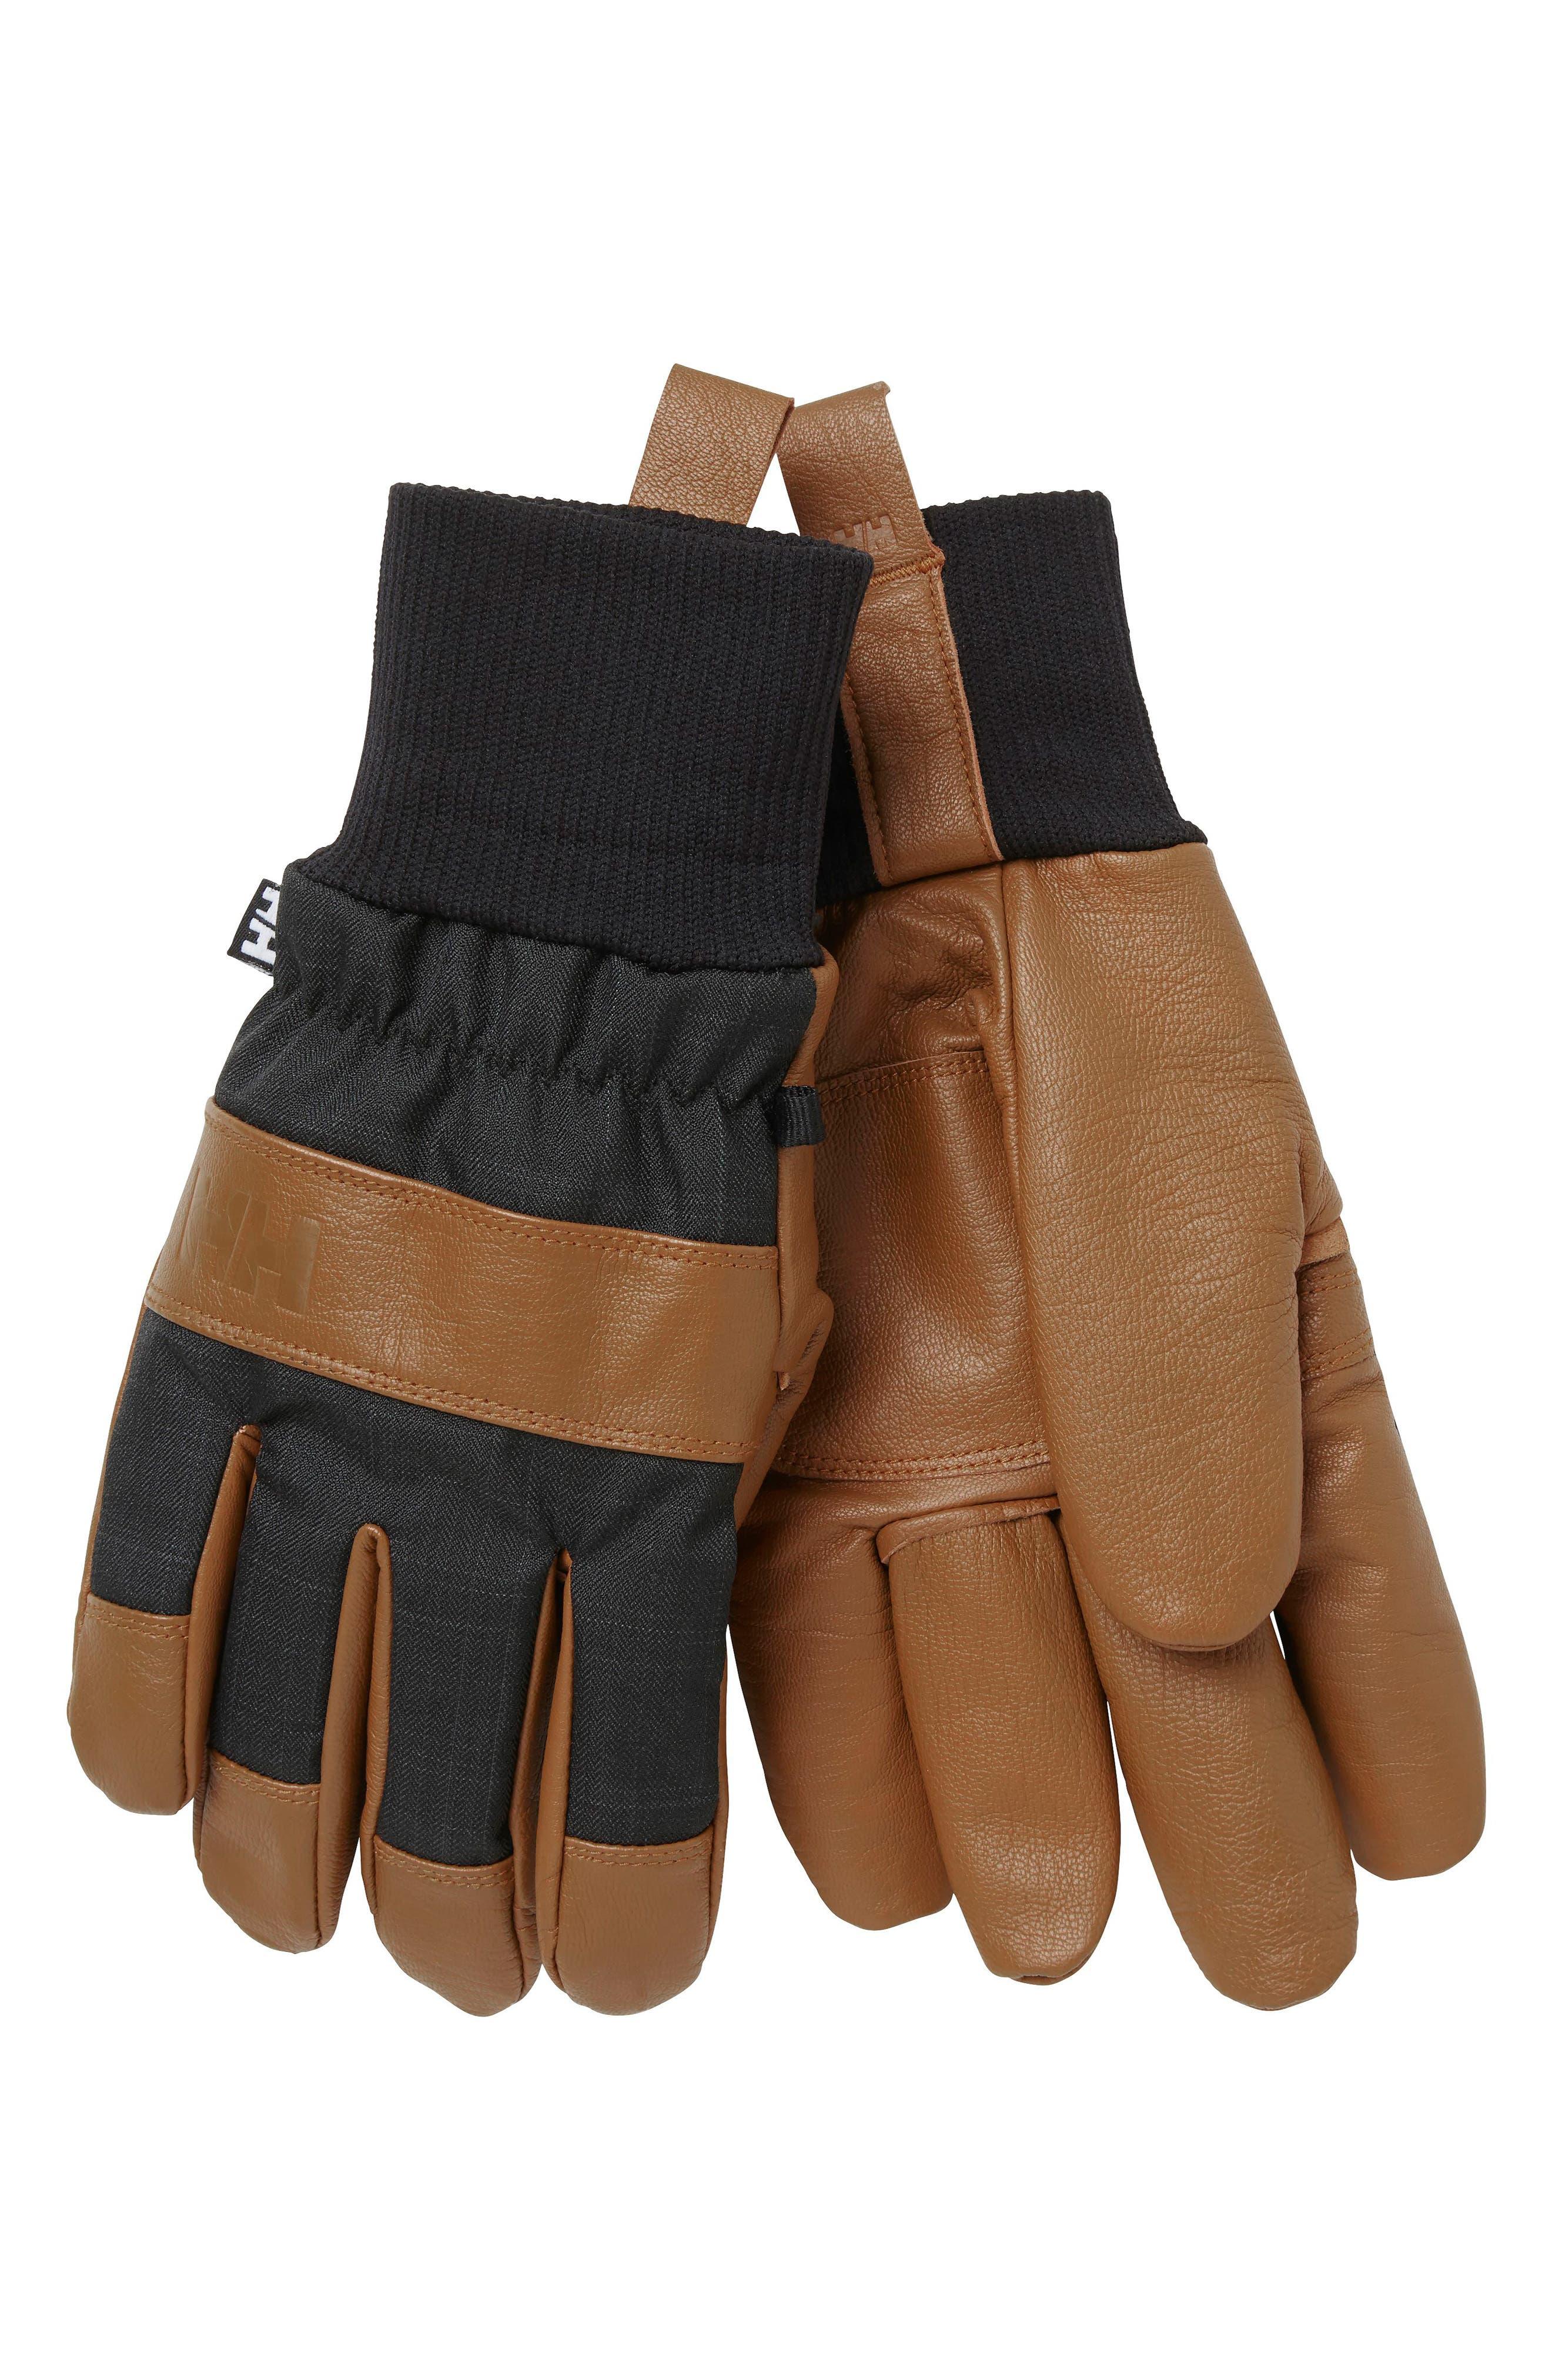 Main Image - Helly Hansen Dawn Patrol Gloves